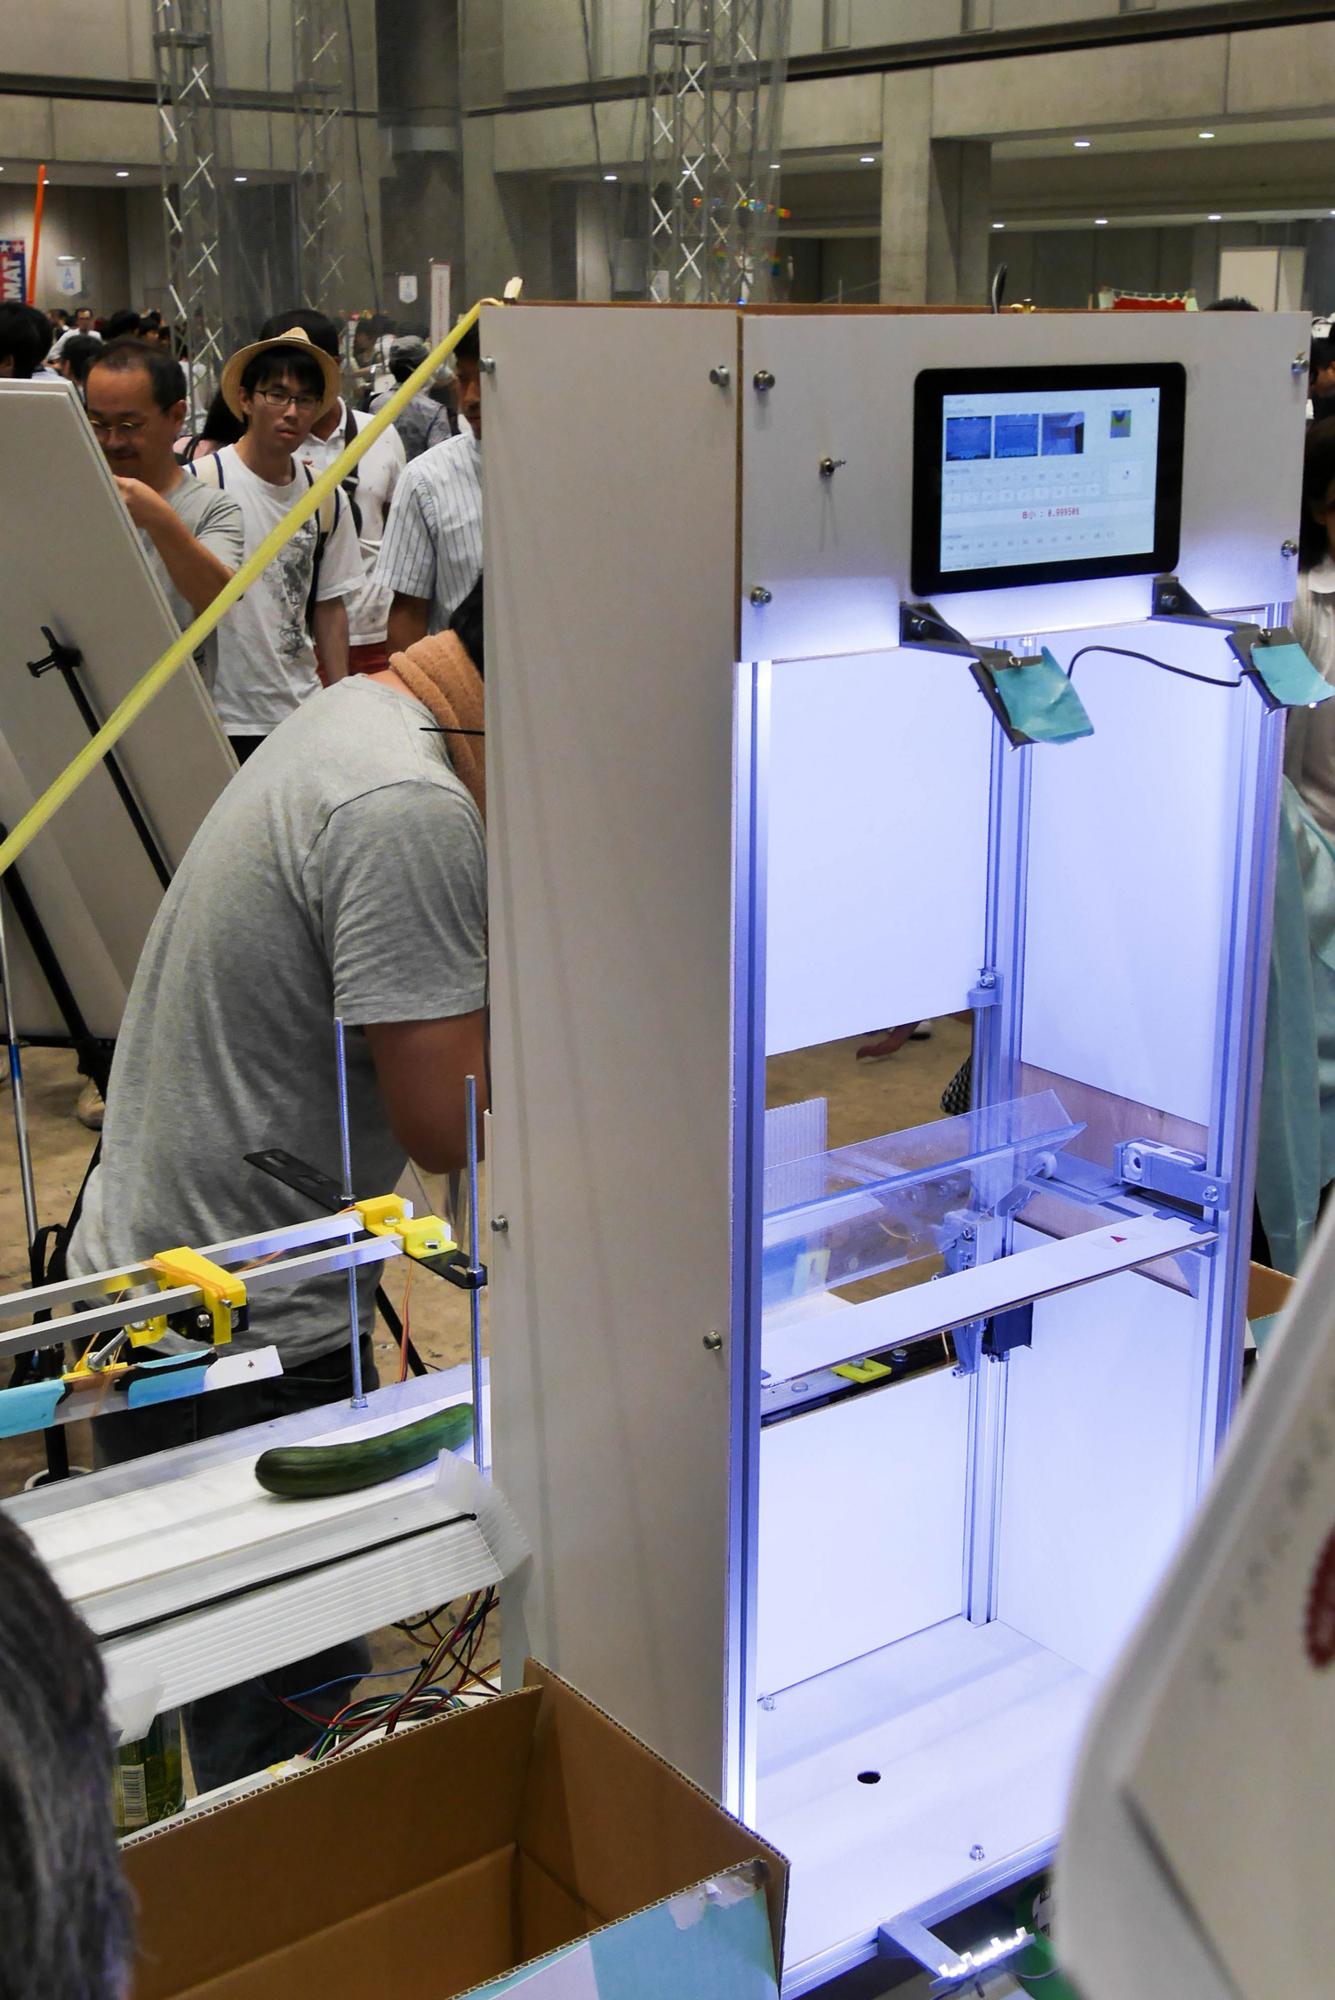 AIによる完全自動化を目指した試作2号機。実用には至らなかったが、大きな反響を呼んだ。写真はMaker Faire Tokyo 2016に展示した際のもの